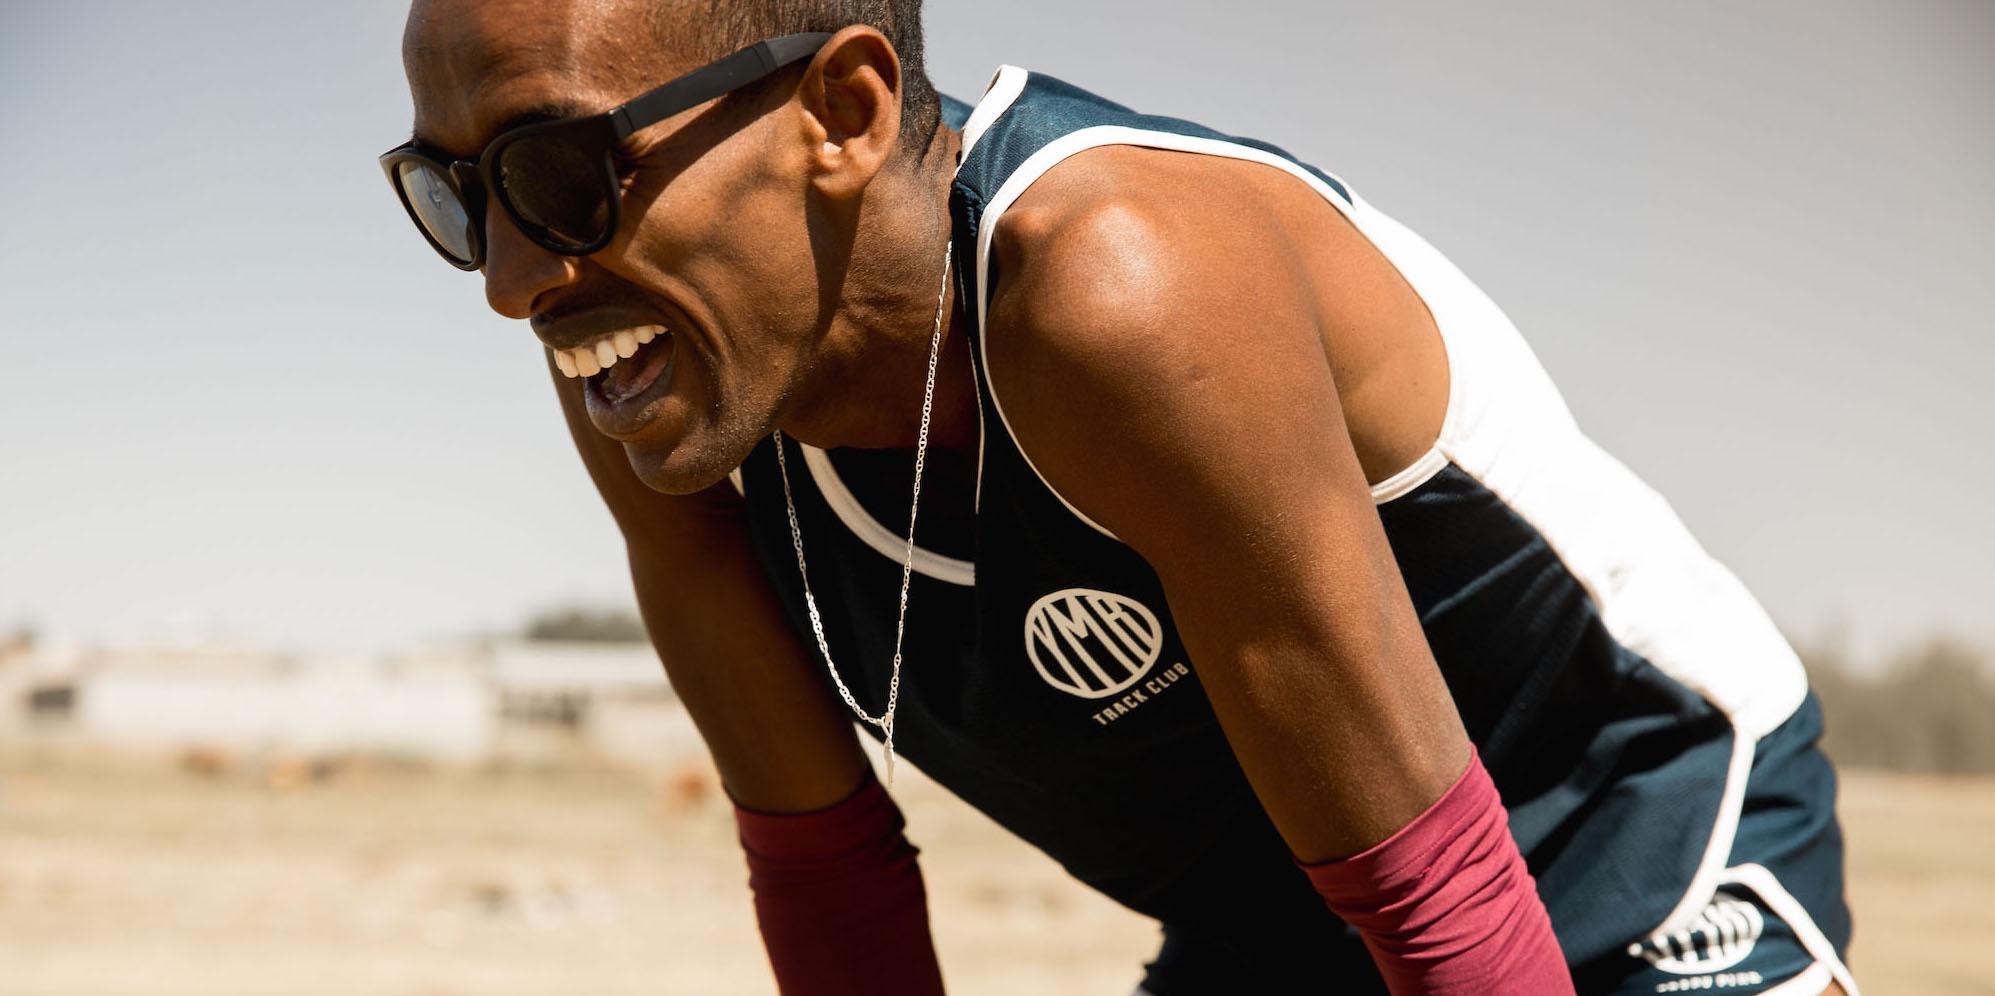 Sommarlöpning med YMR Track Club